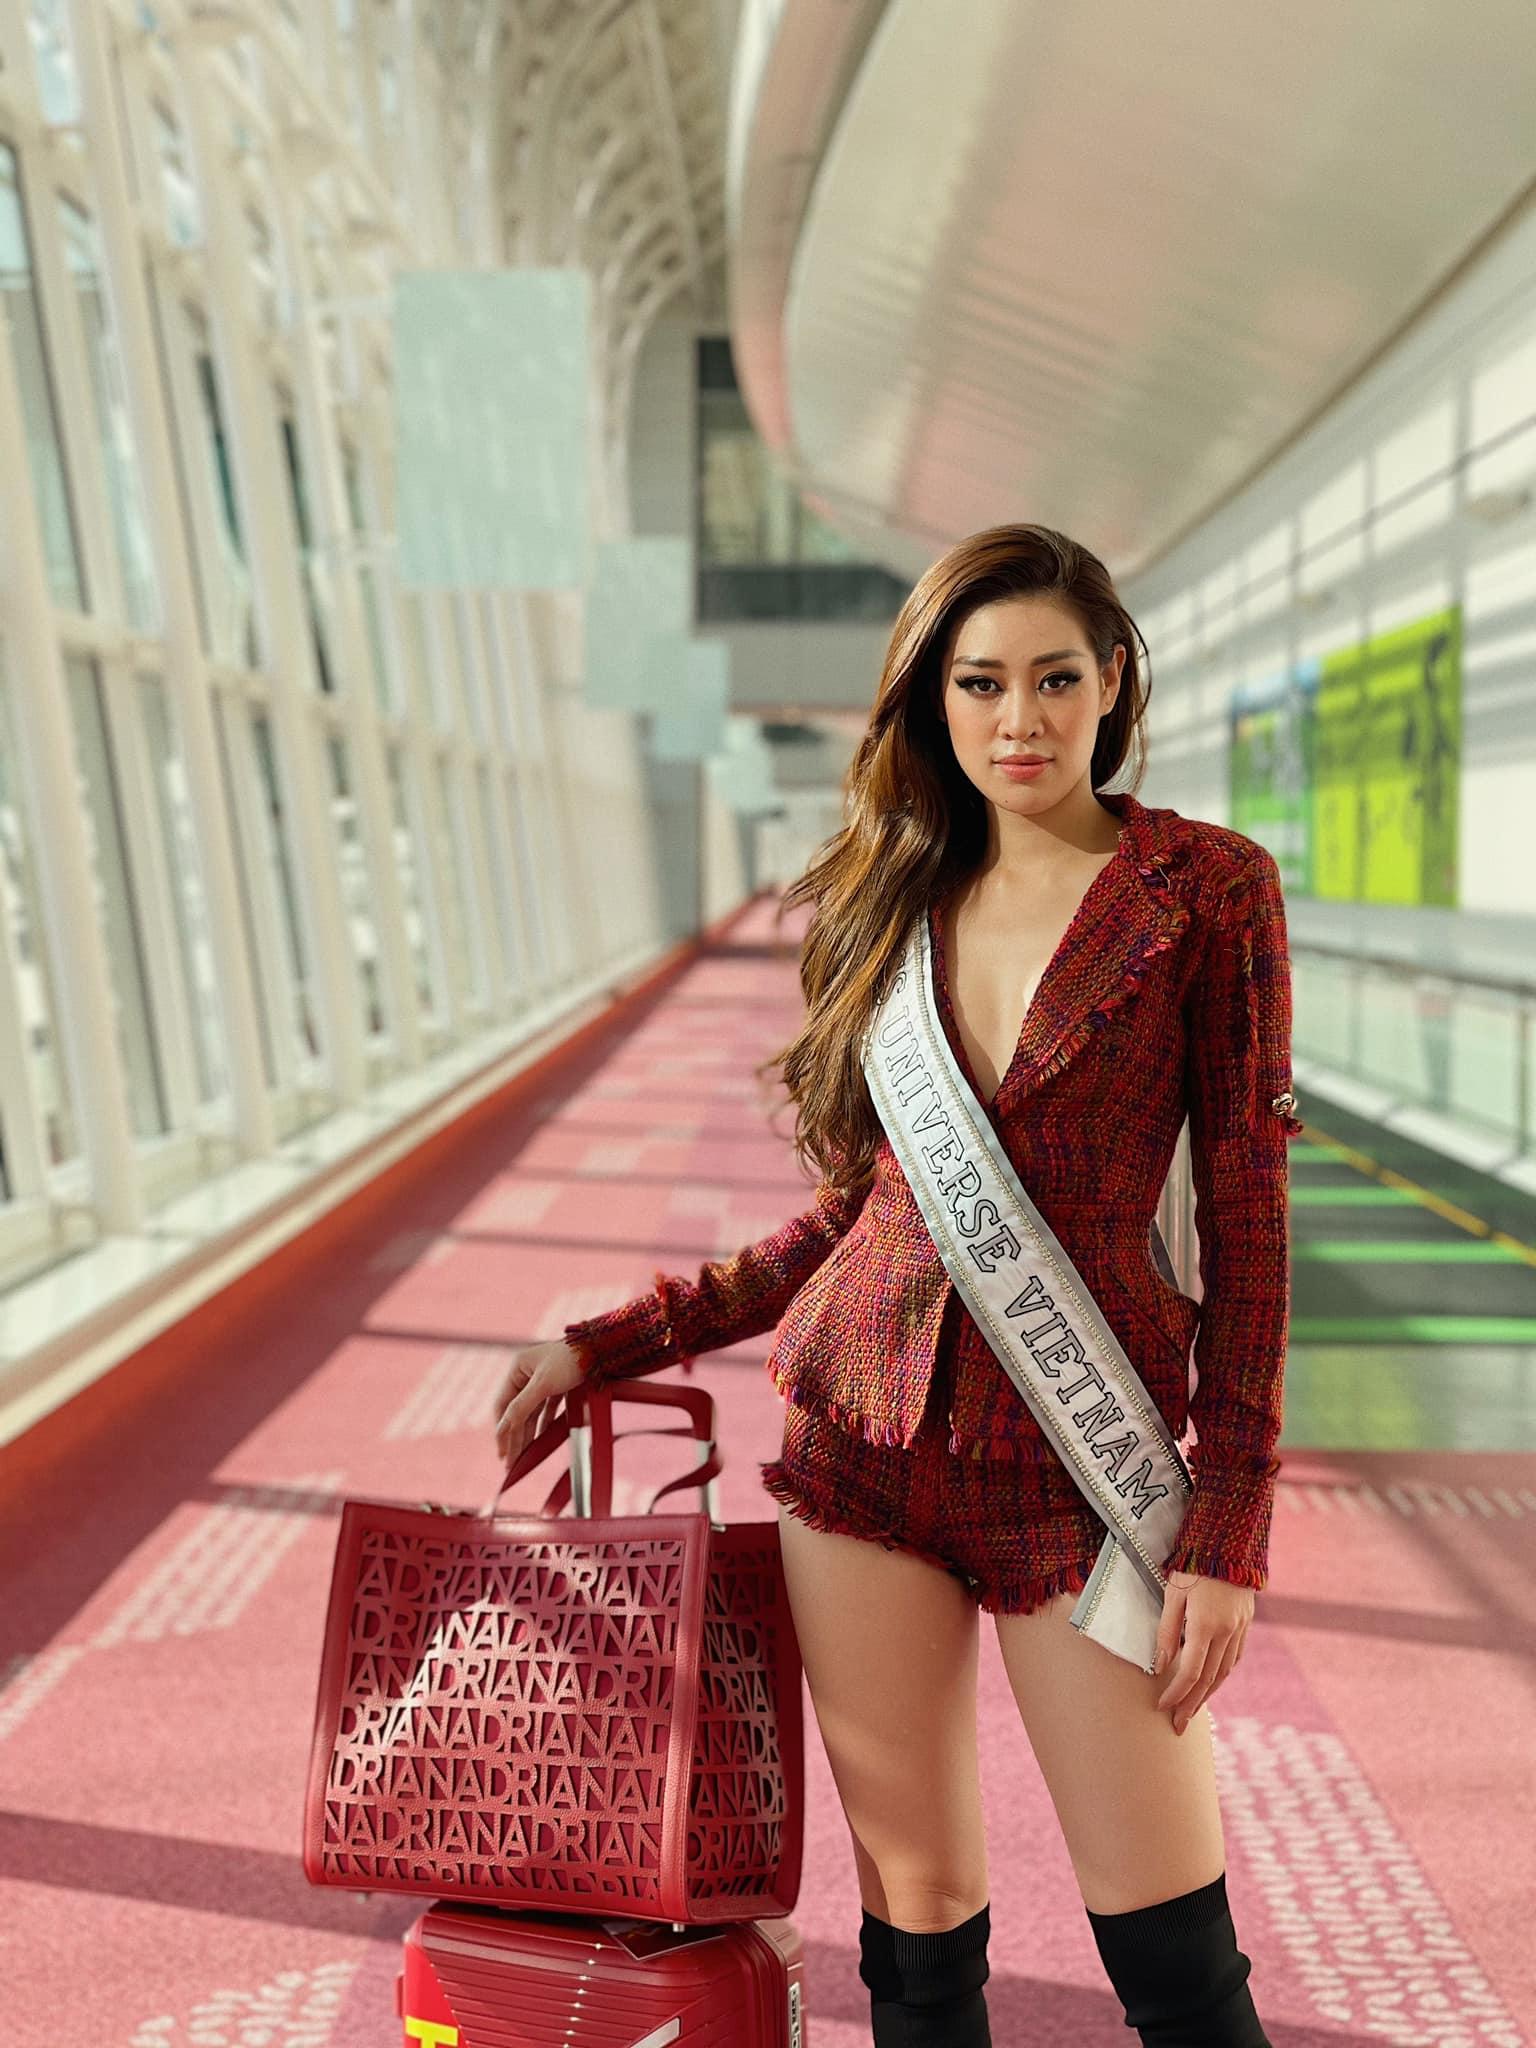 Khánh Vân đã có mặt tại Mỹ dự Miss Universe 2020: Vừa đến liền đọ sắc vóc chặt chém đối thủ và ghi điểm bằng 1 chi tiết - Ảnh 7.